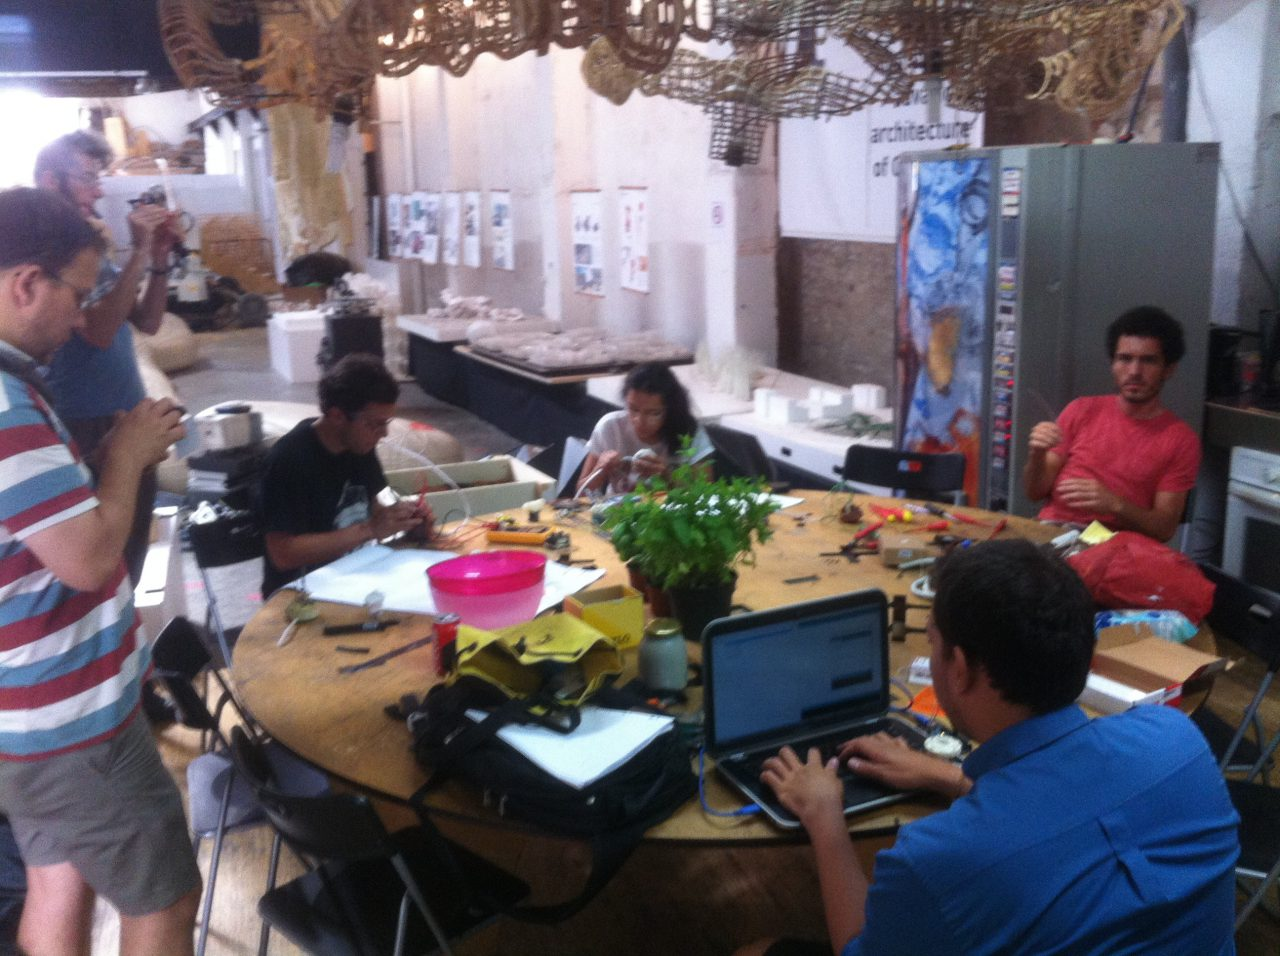 [ Activitats i tallers ] BIT (build it together) taller de construcció col·lectiva d'eines per a agricultors urbans.